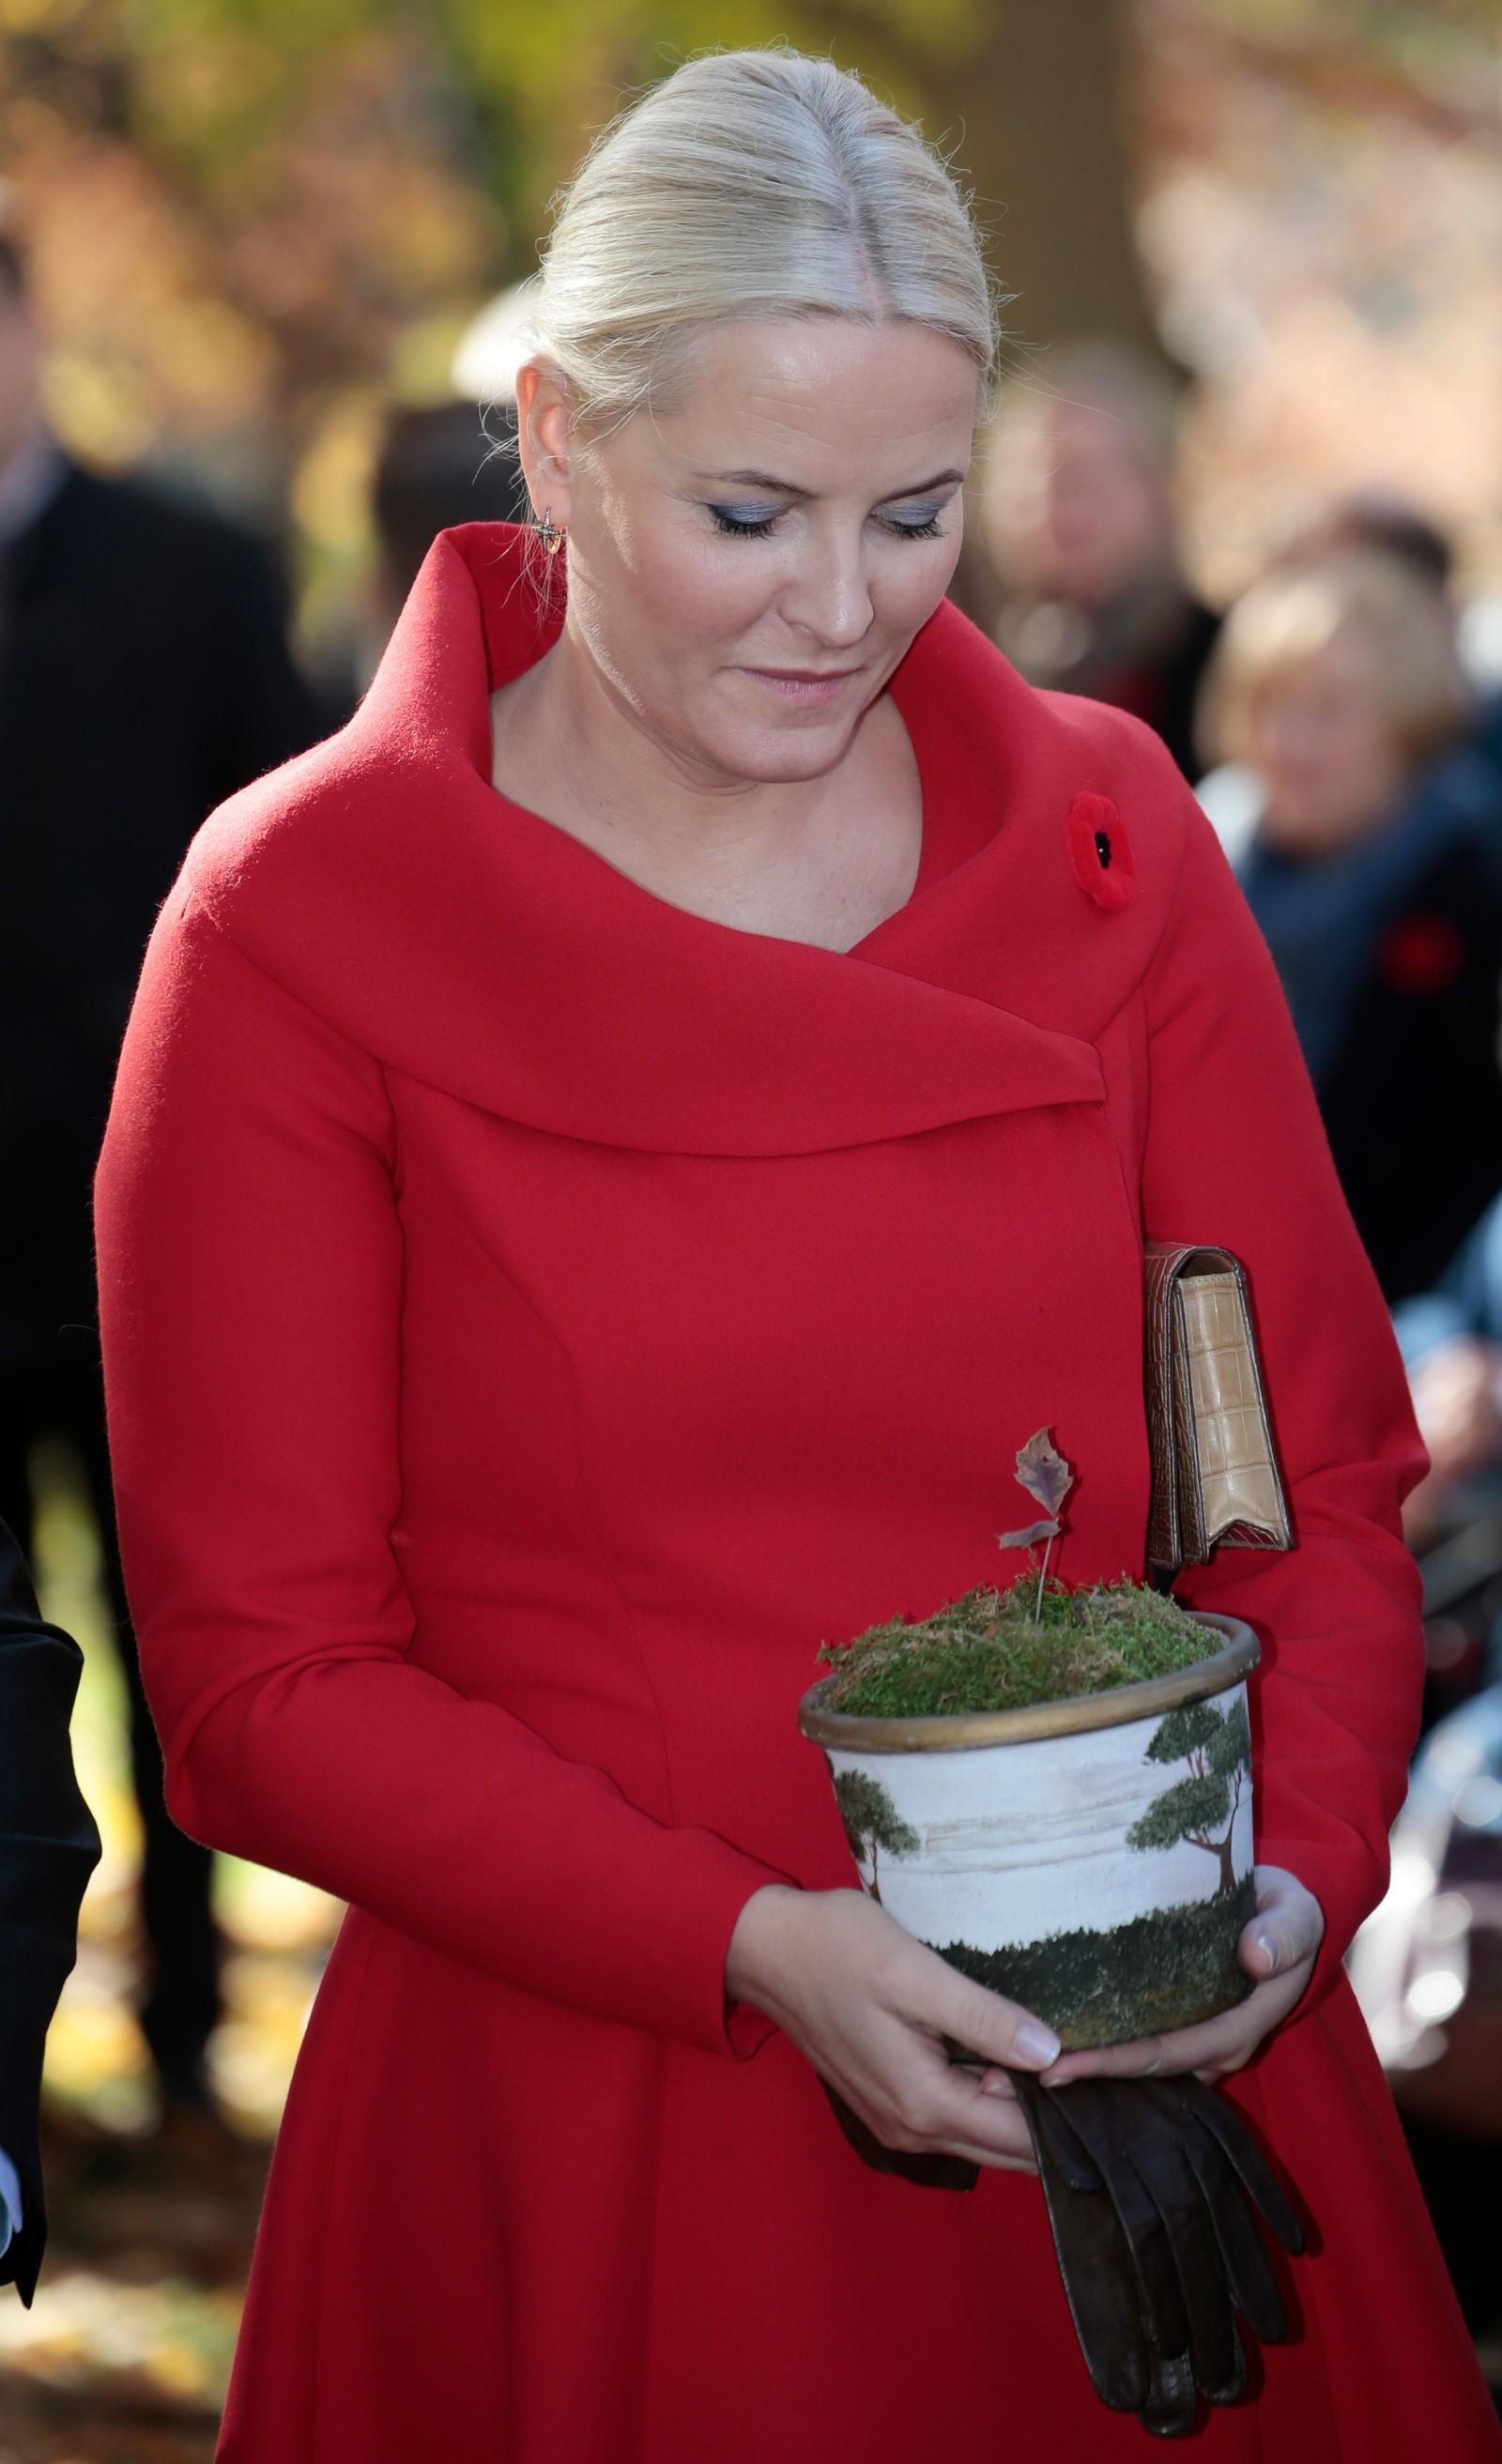 Kronprinsesse Mette-Marit med gåva ho fekk i går. Ein stikling frå eiketreet som dronning Sonja planta då kongeparet var på statsbesøk i Canada i 2002.